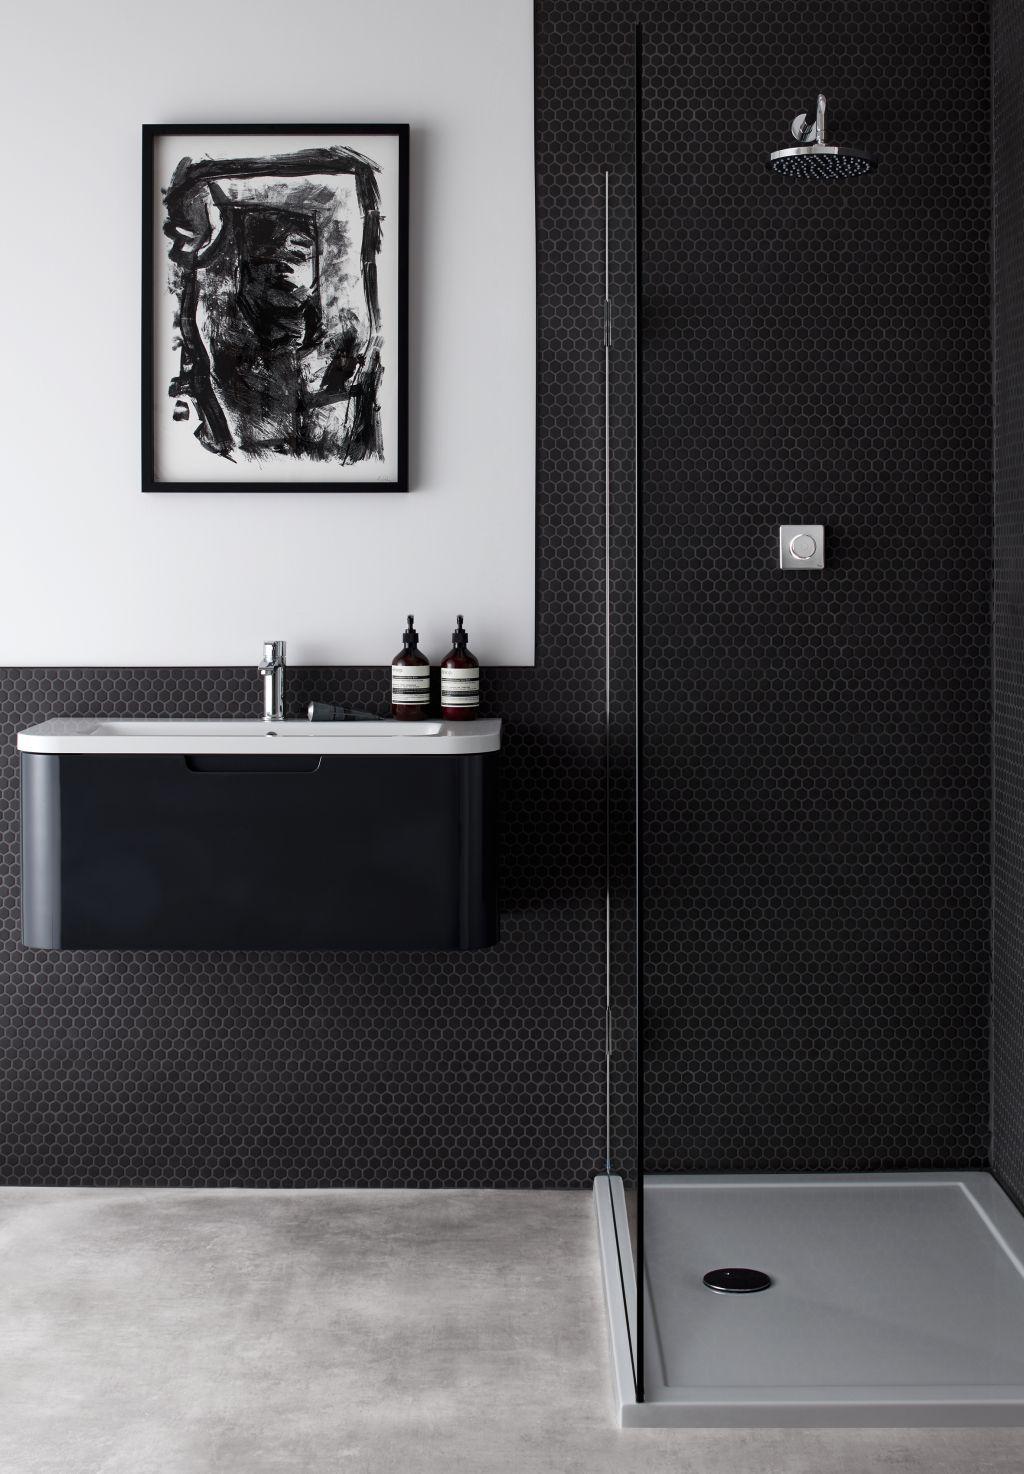 Black bathroom    #bathroomideas #bathroomdesign #bathroominspo #realhomes